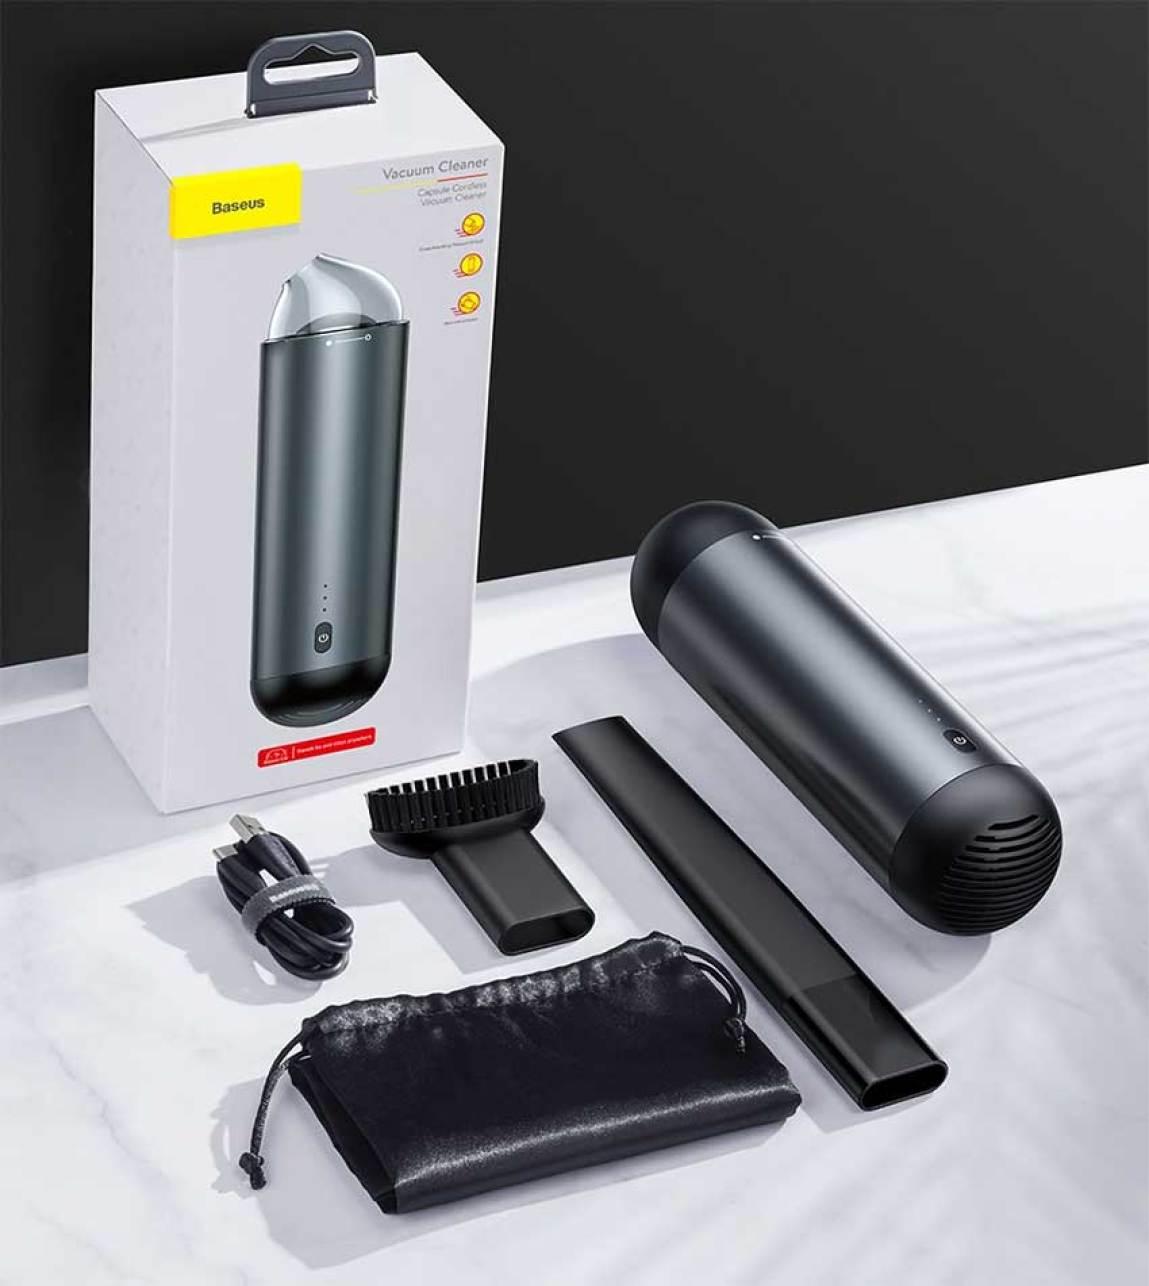 vacuum-cleanar.jpg?1566639836145